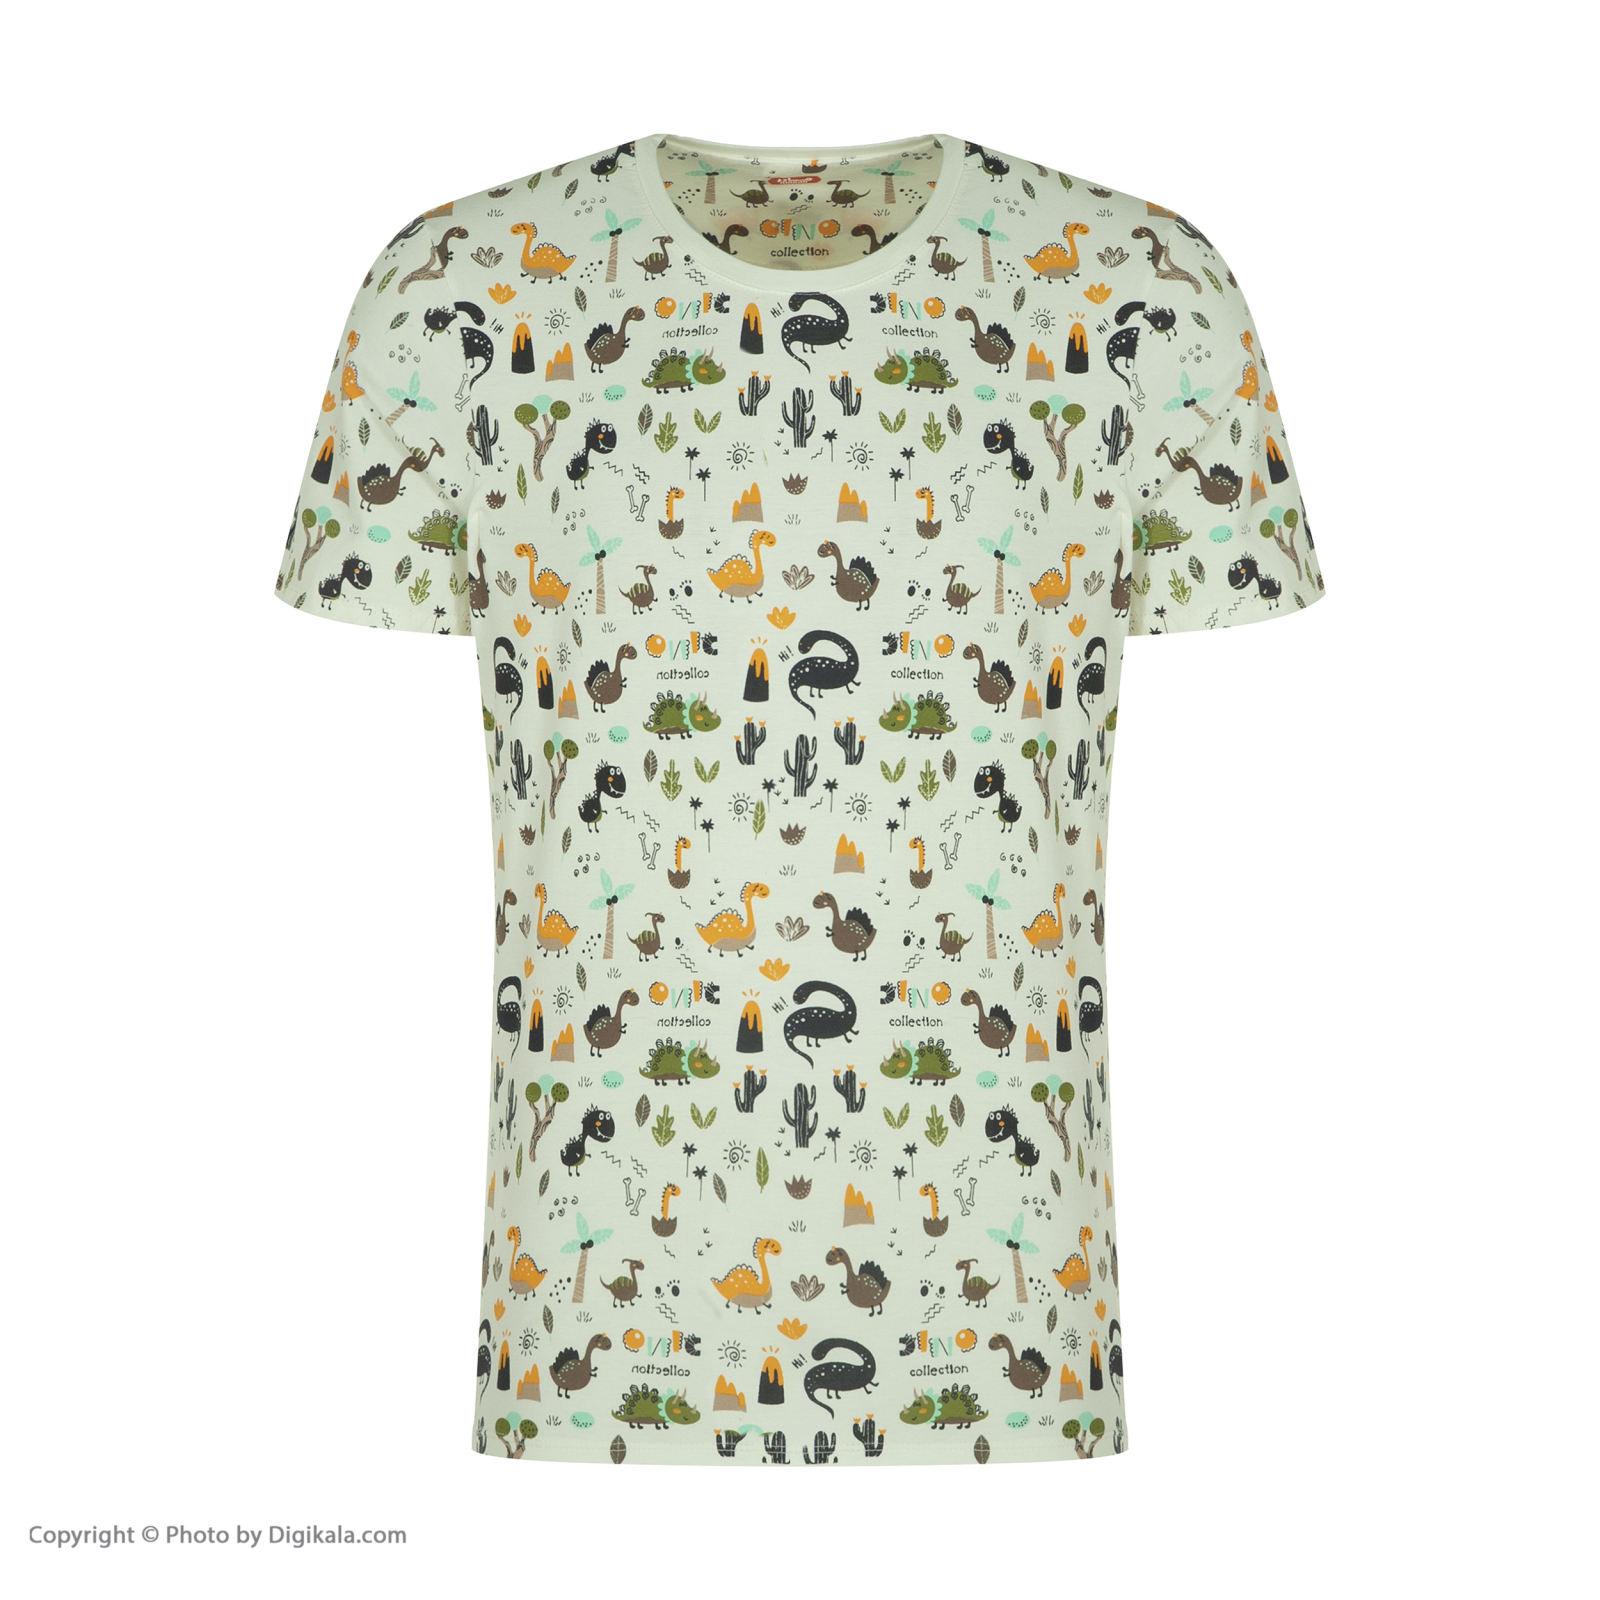 ست تی شرت و شلوارک راحتی مردانه مادر مدل 2041110-52 -  - 4